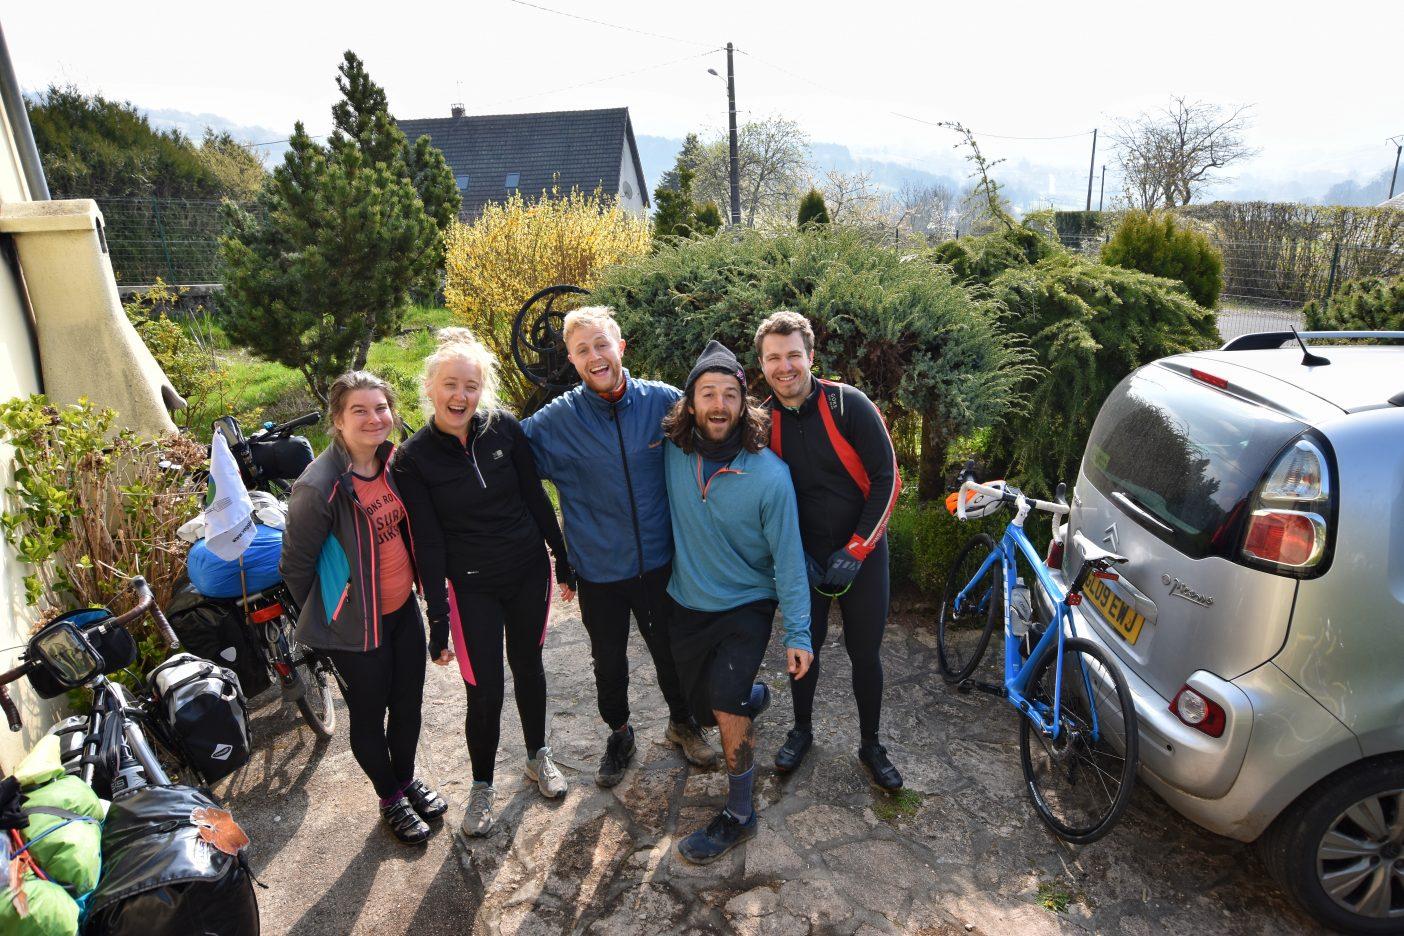 Warm Shower bike touring hosts